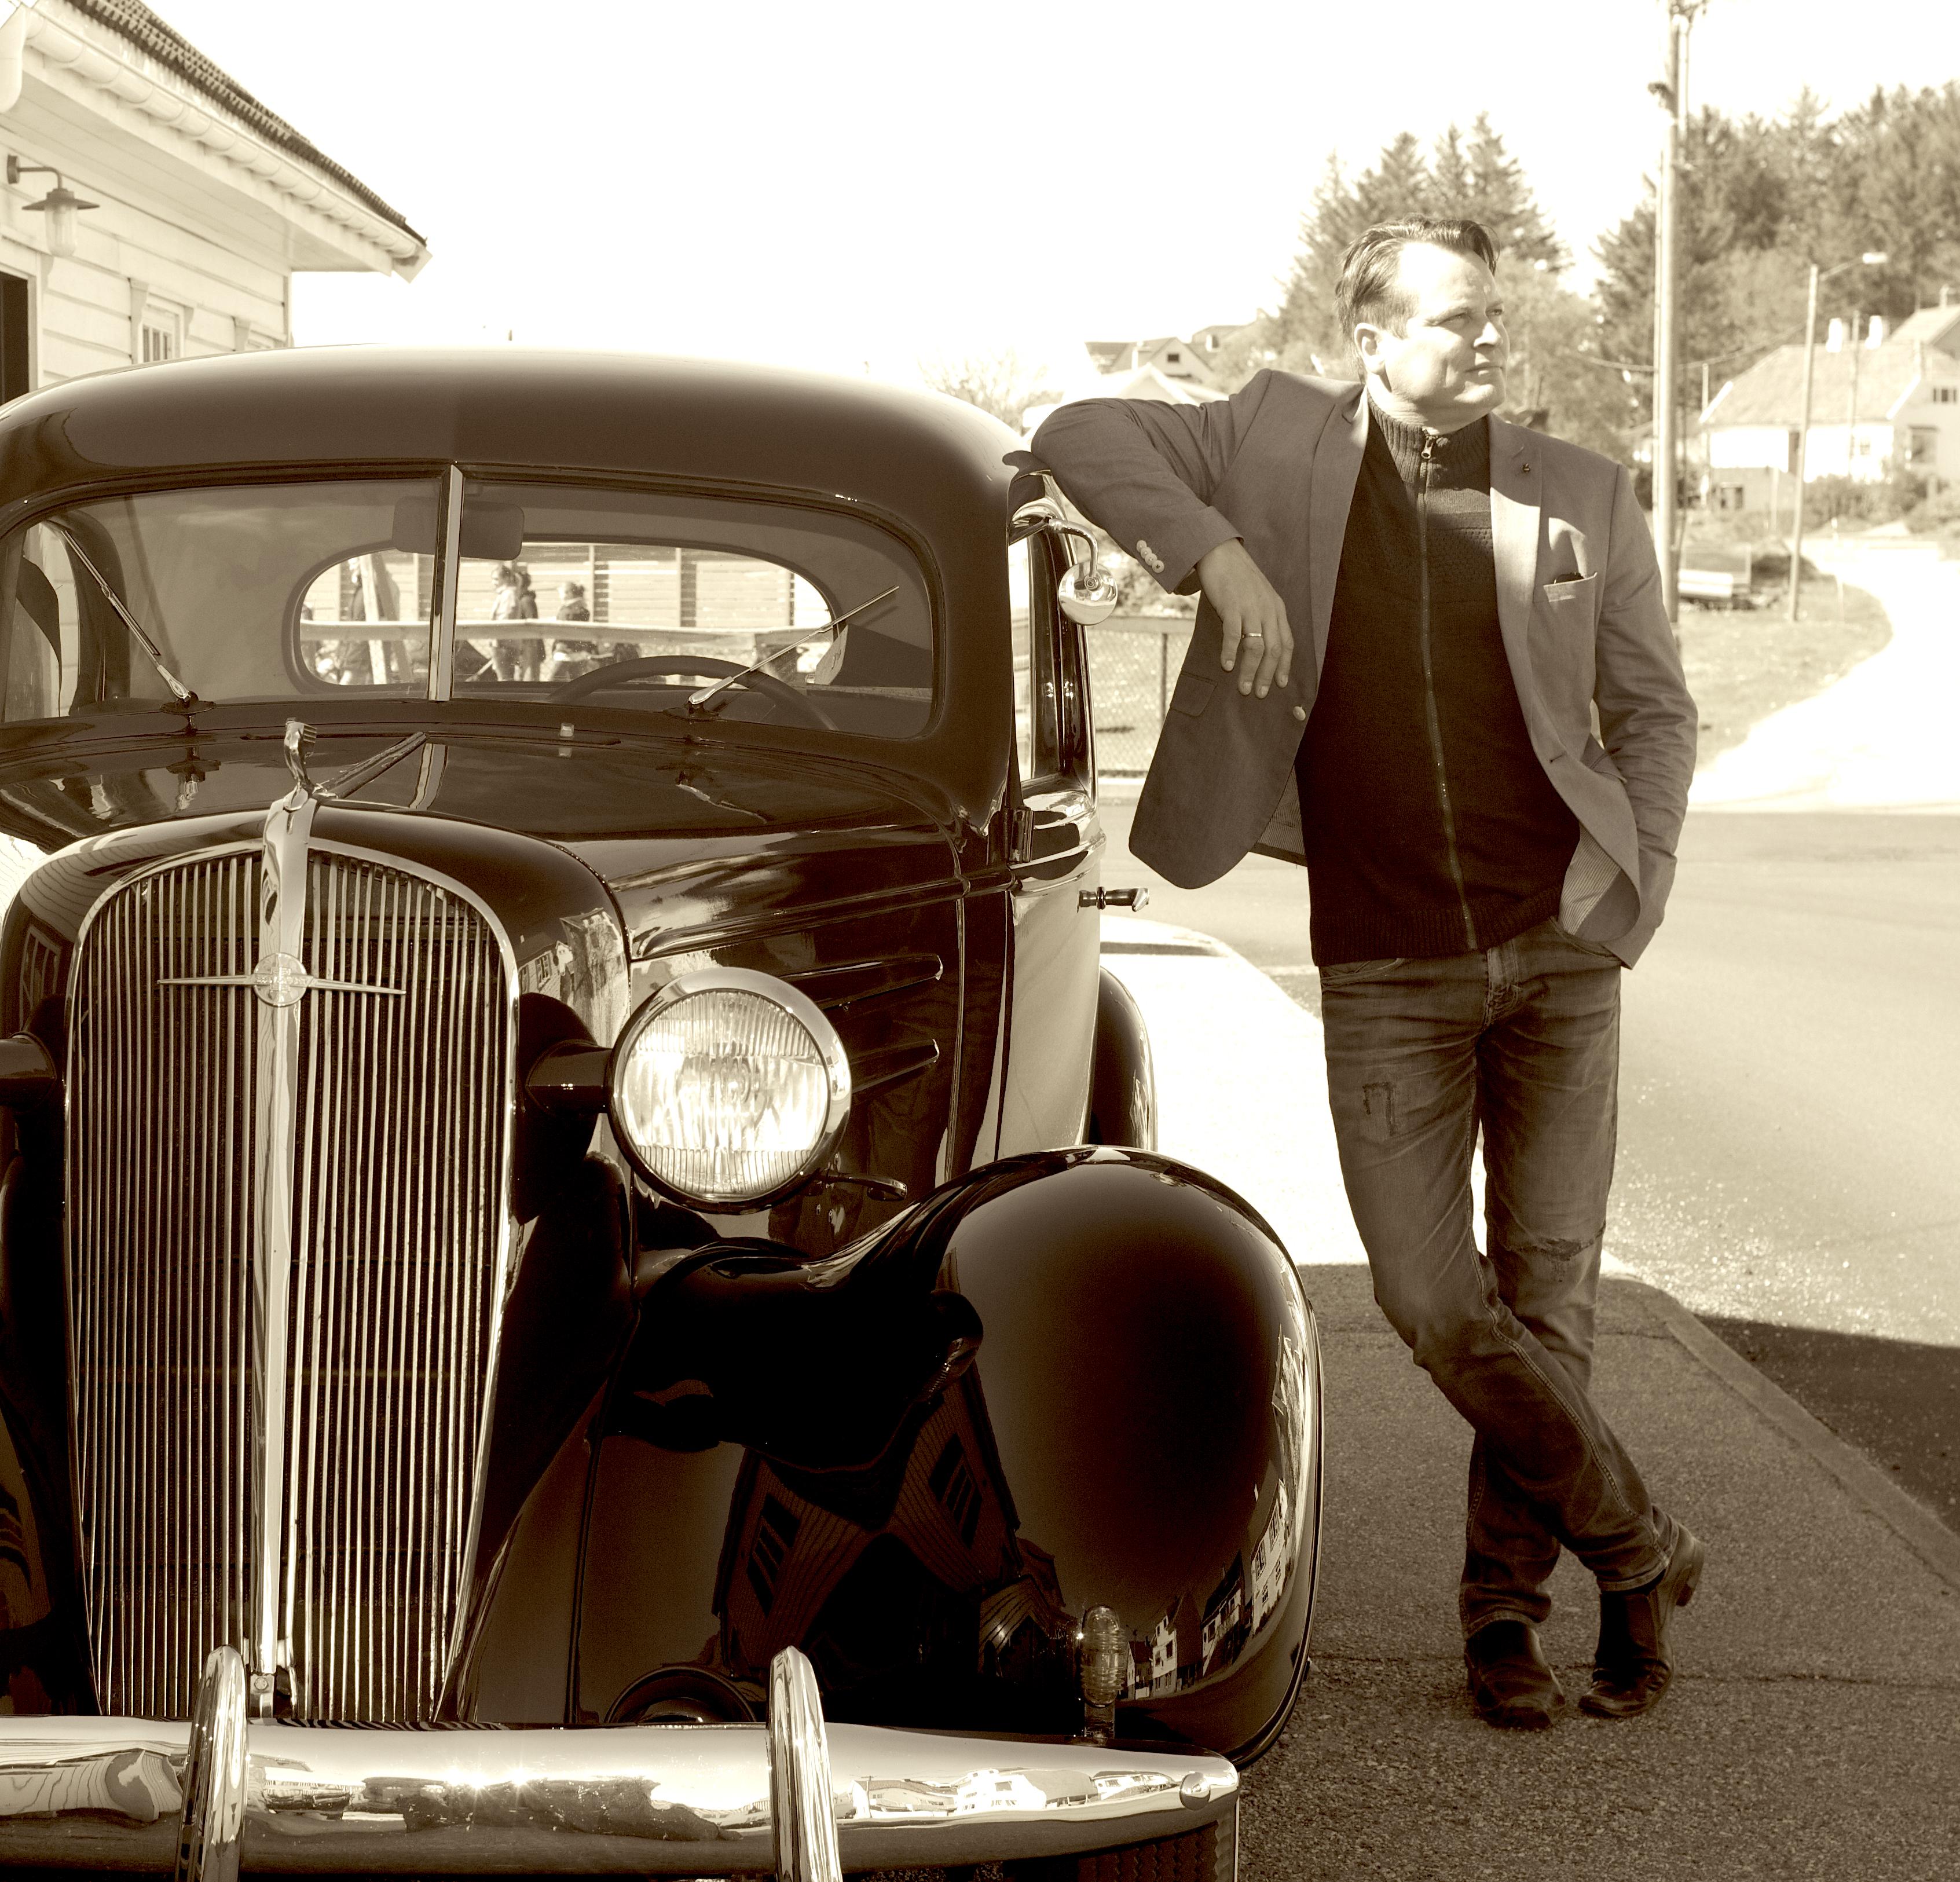 Ved veteranbil.jpg